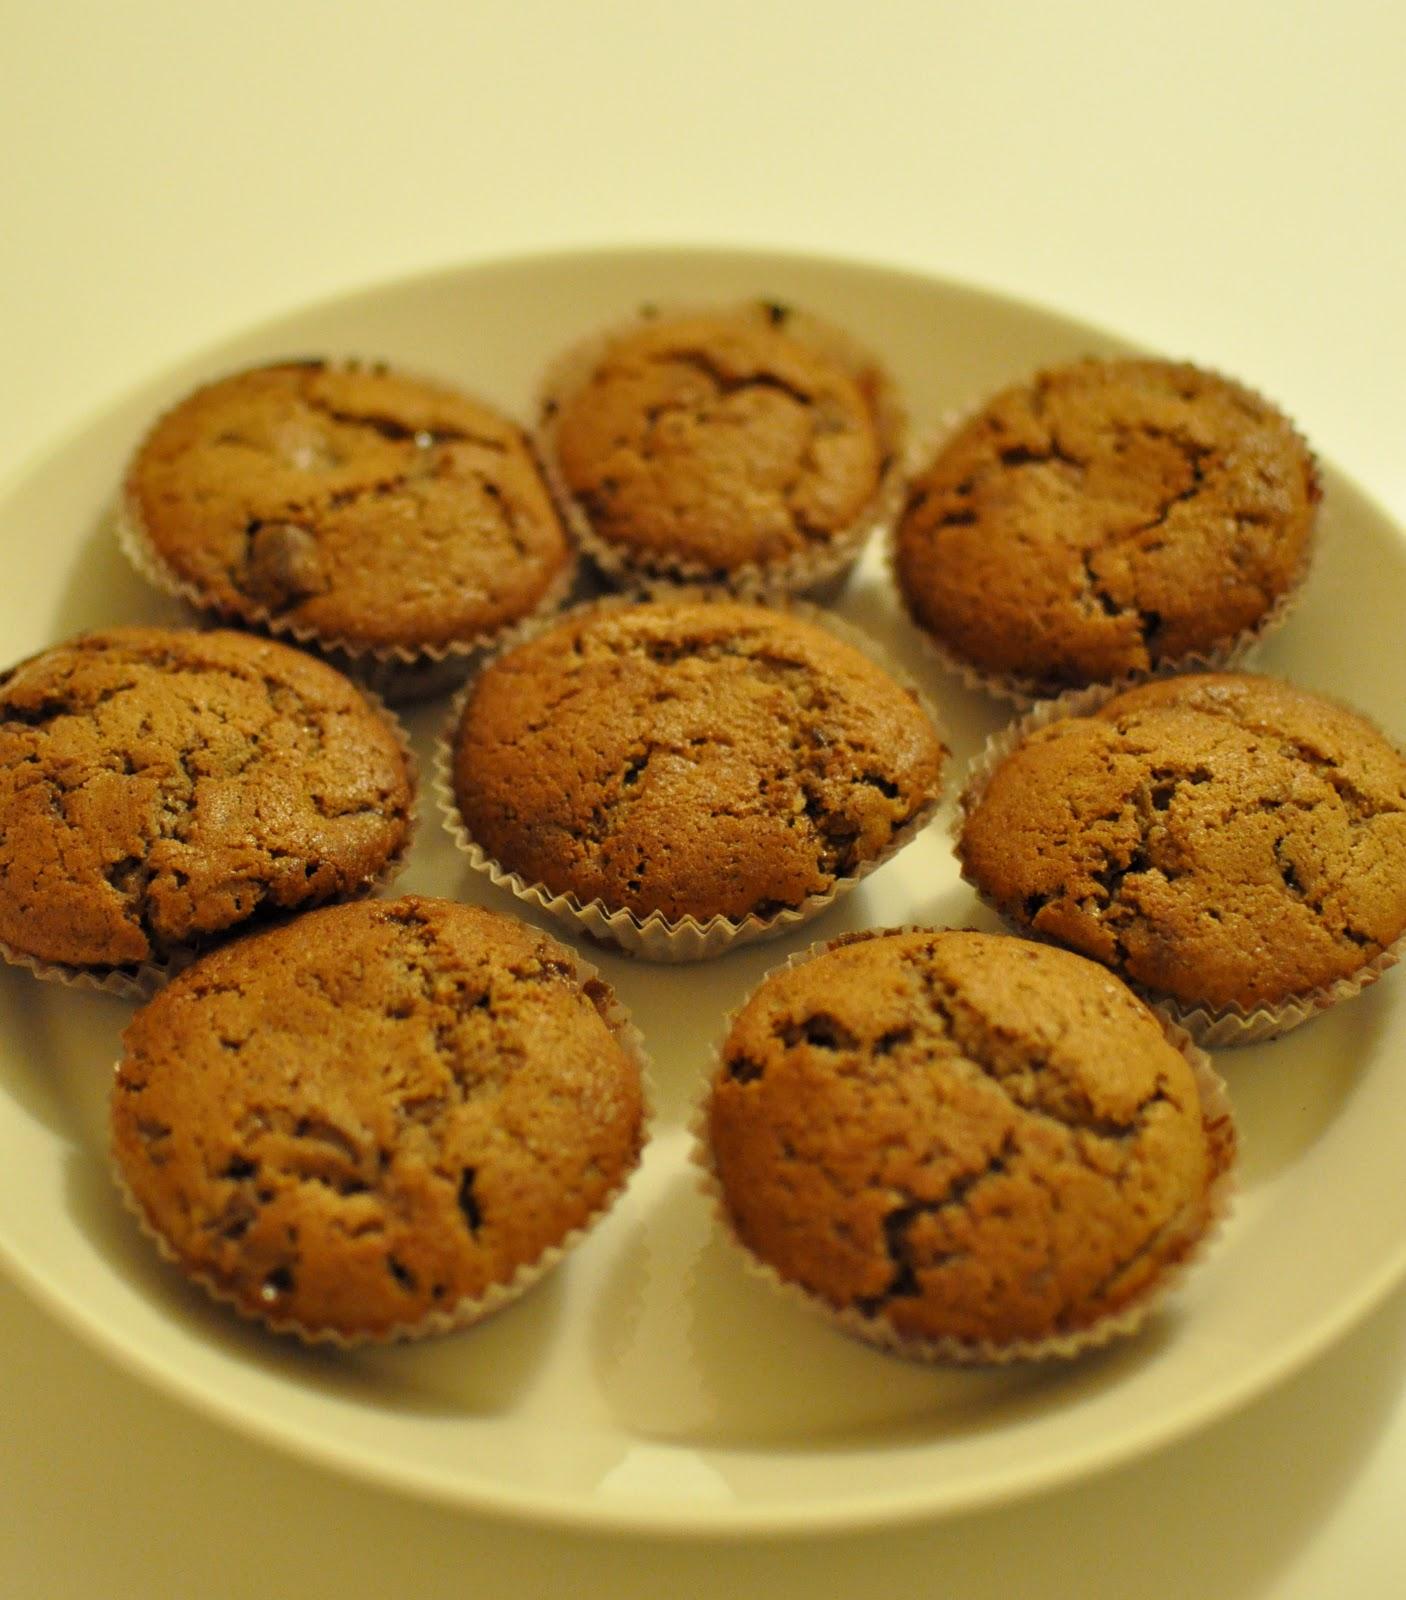 Daim Muffinssit